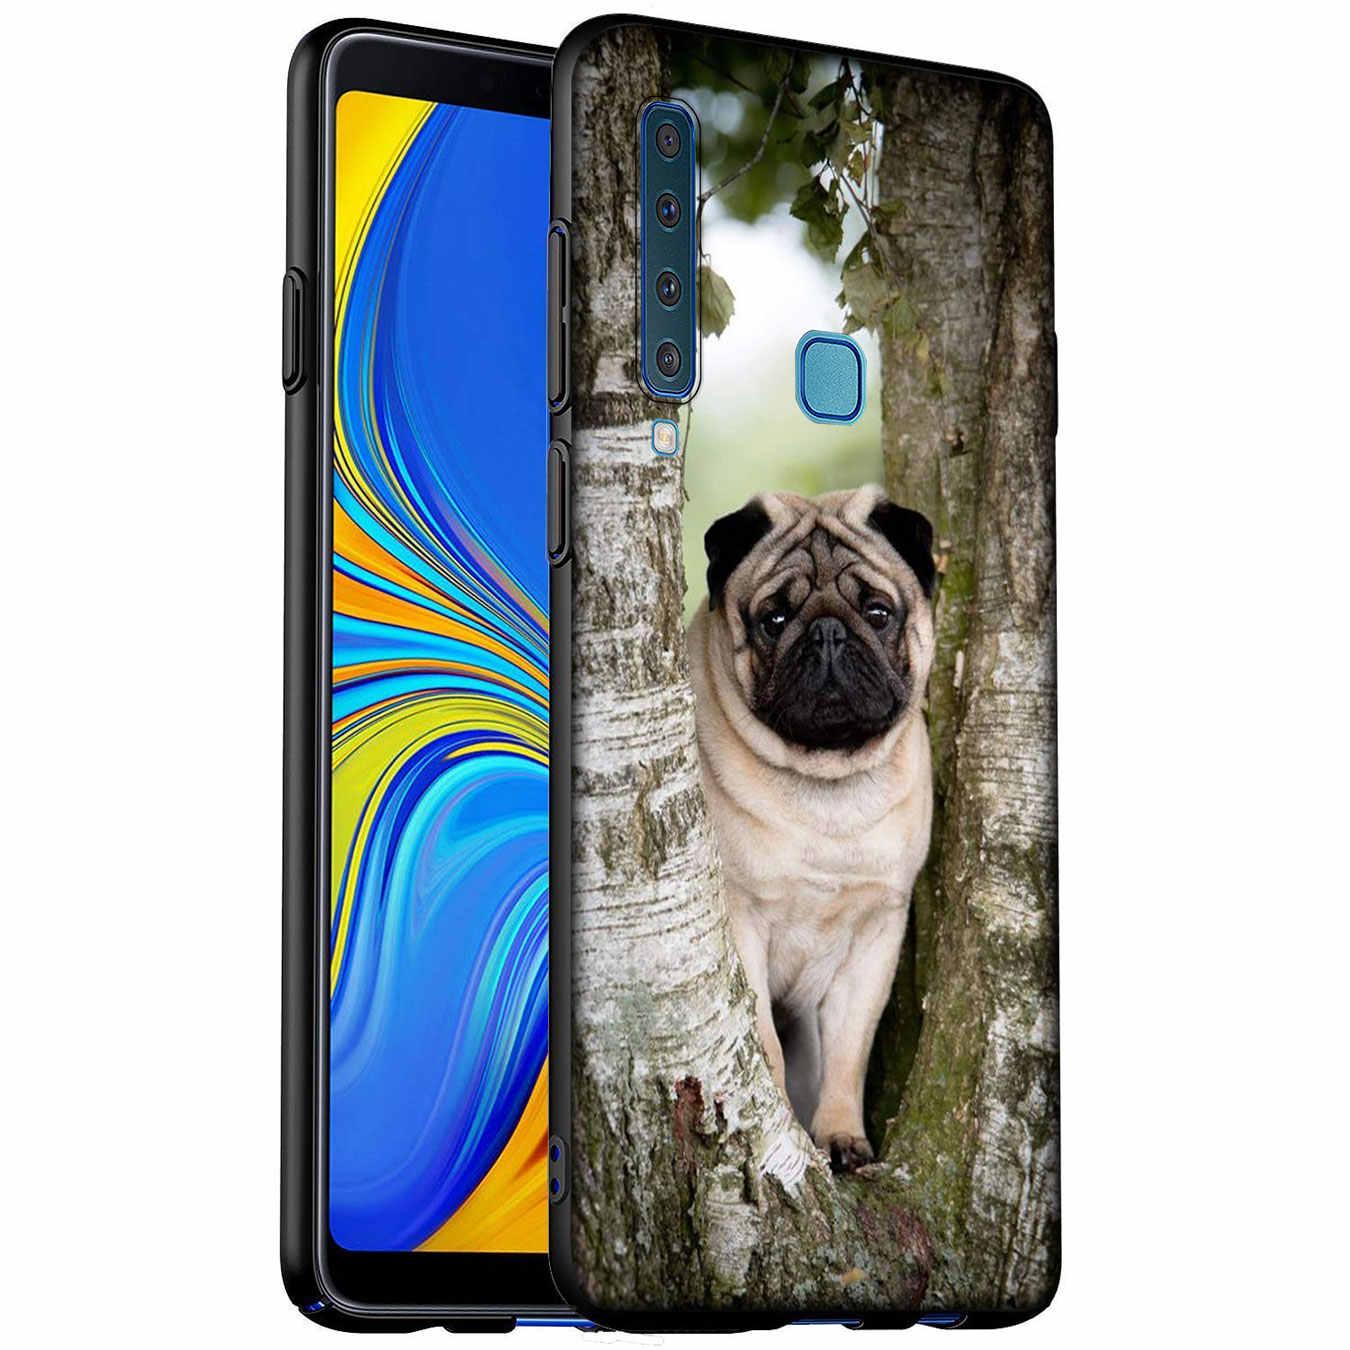 Cachorro Pug princesa Bulldog francés caso para Samsung Galaxy A51 A71 A81 A91 A41 A21 A11 A01 A2 Core J8 J7 J4 J6 Plus primer 2018